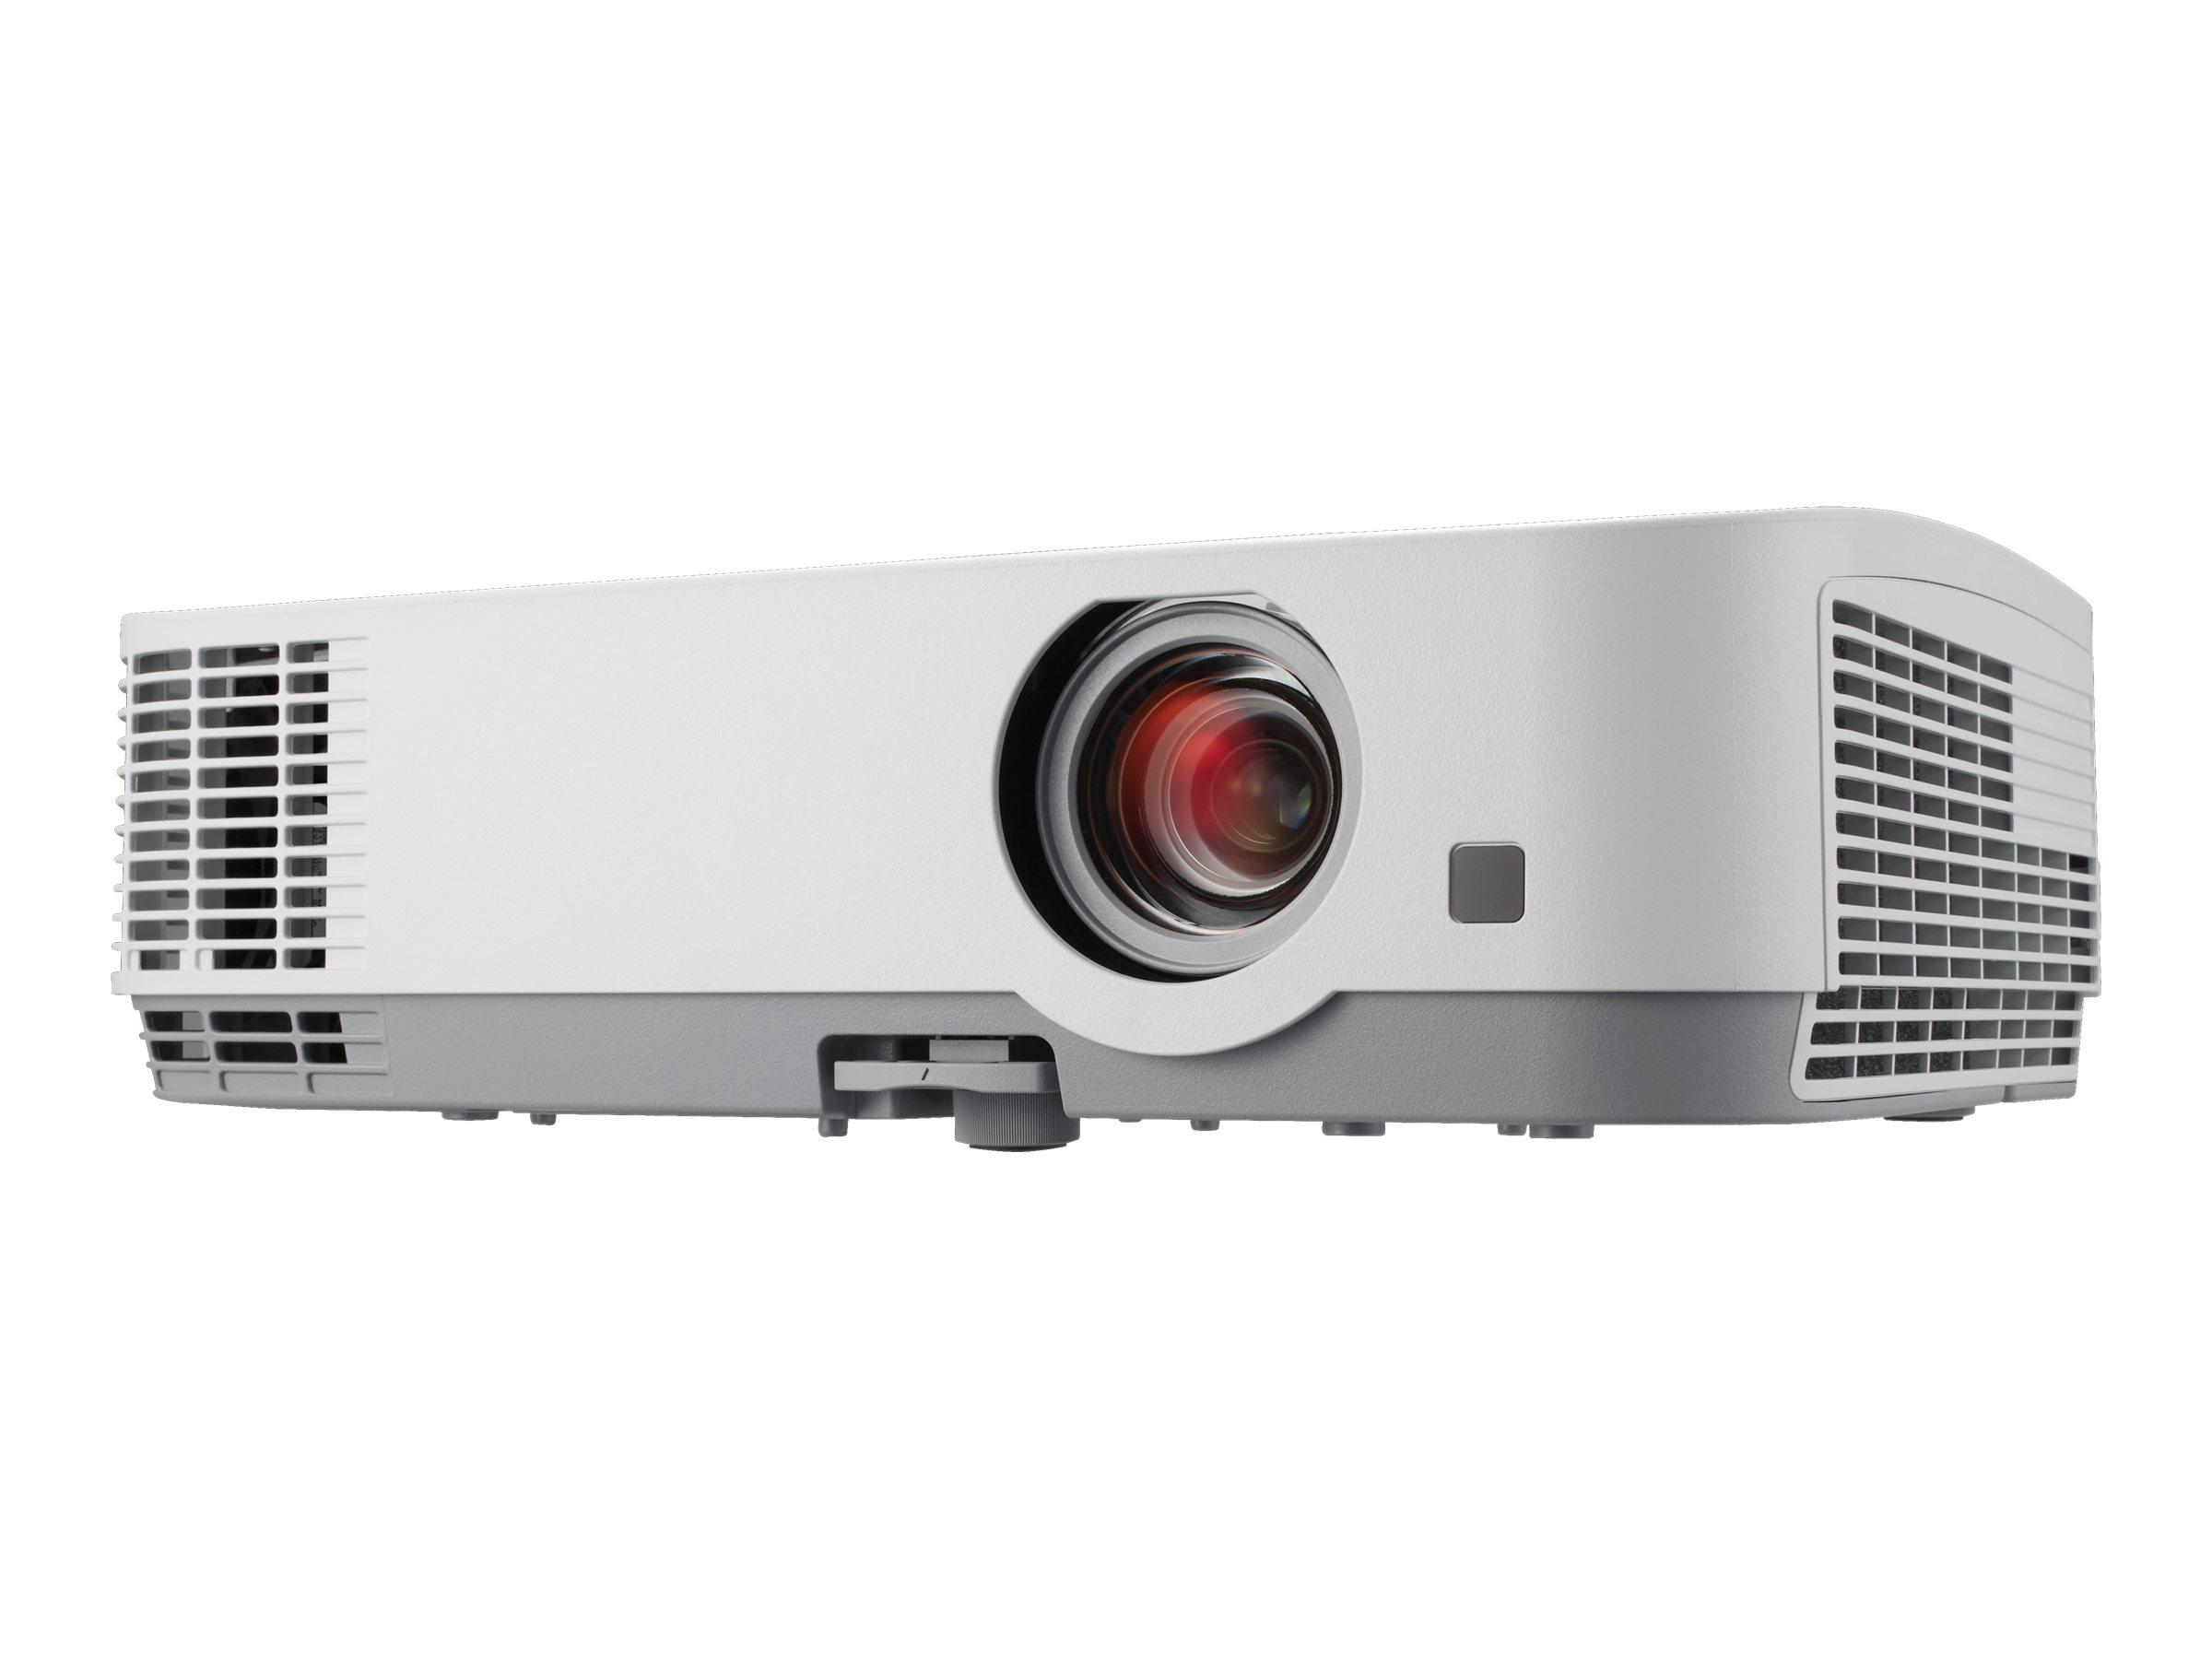 NEC ME361W - 3-LCD-Projektor - tragbar - 3600 lm - WXGA (1280 x 800) - 16:10